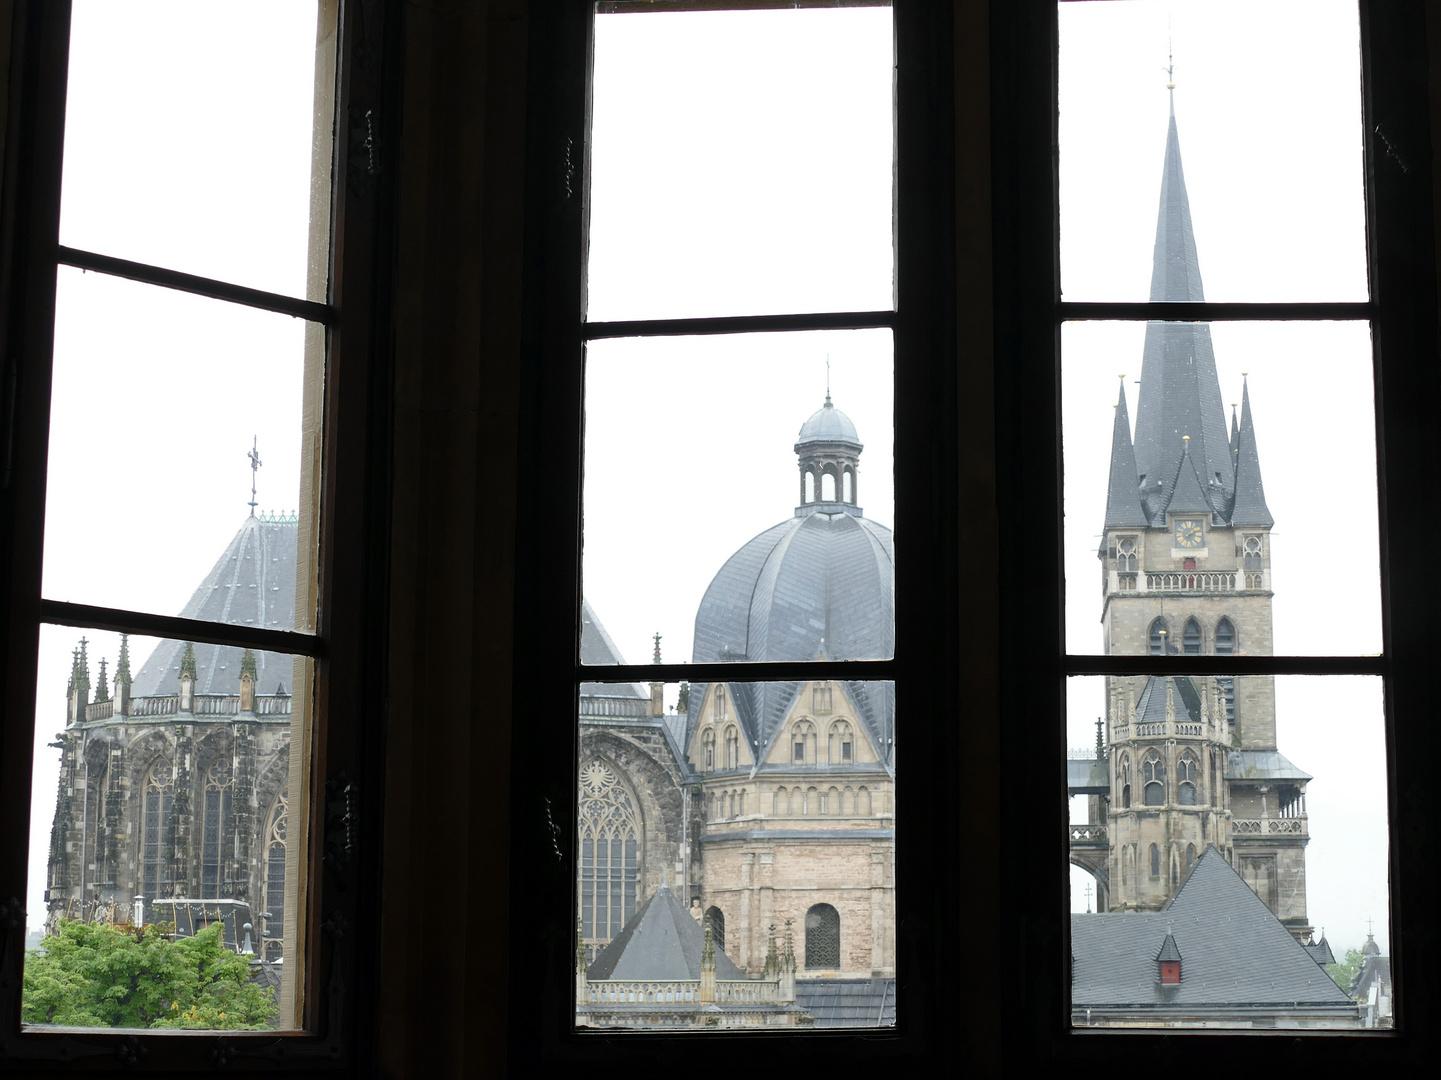 Durchblick auf den Aachener Dom